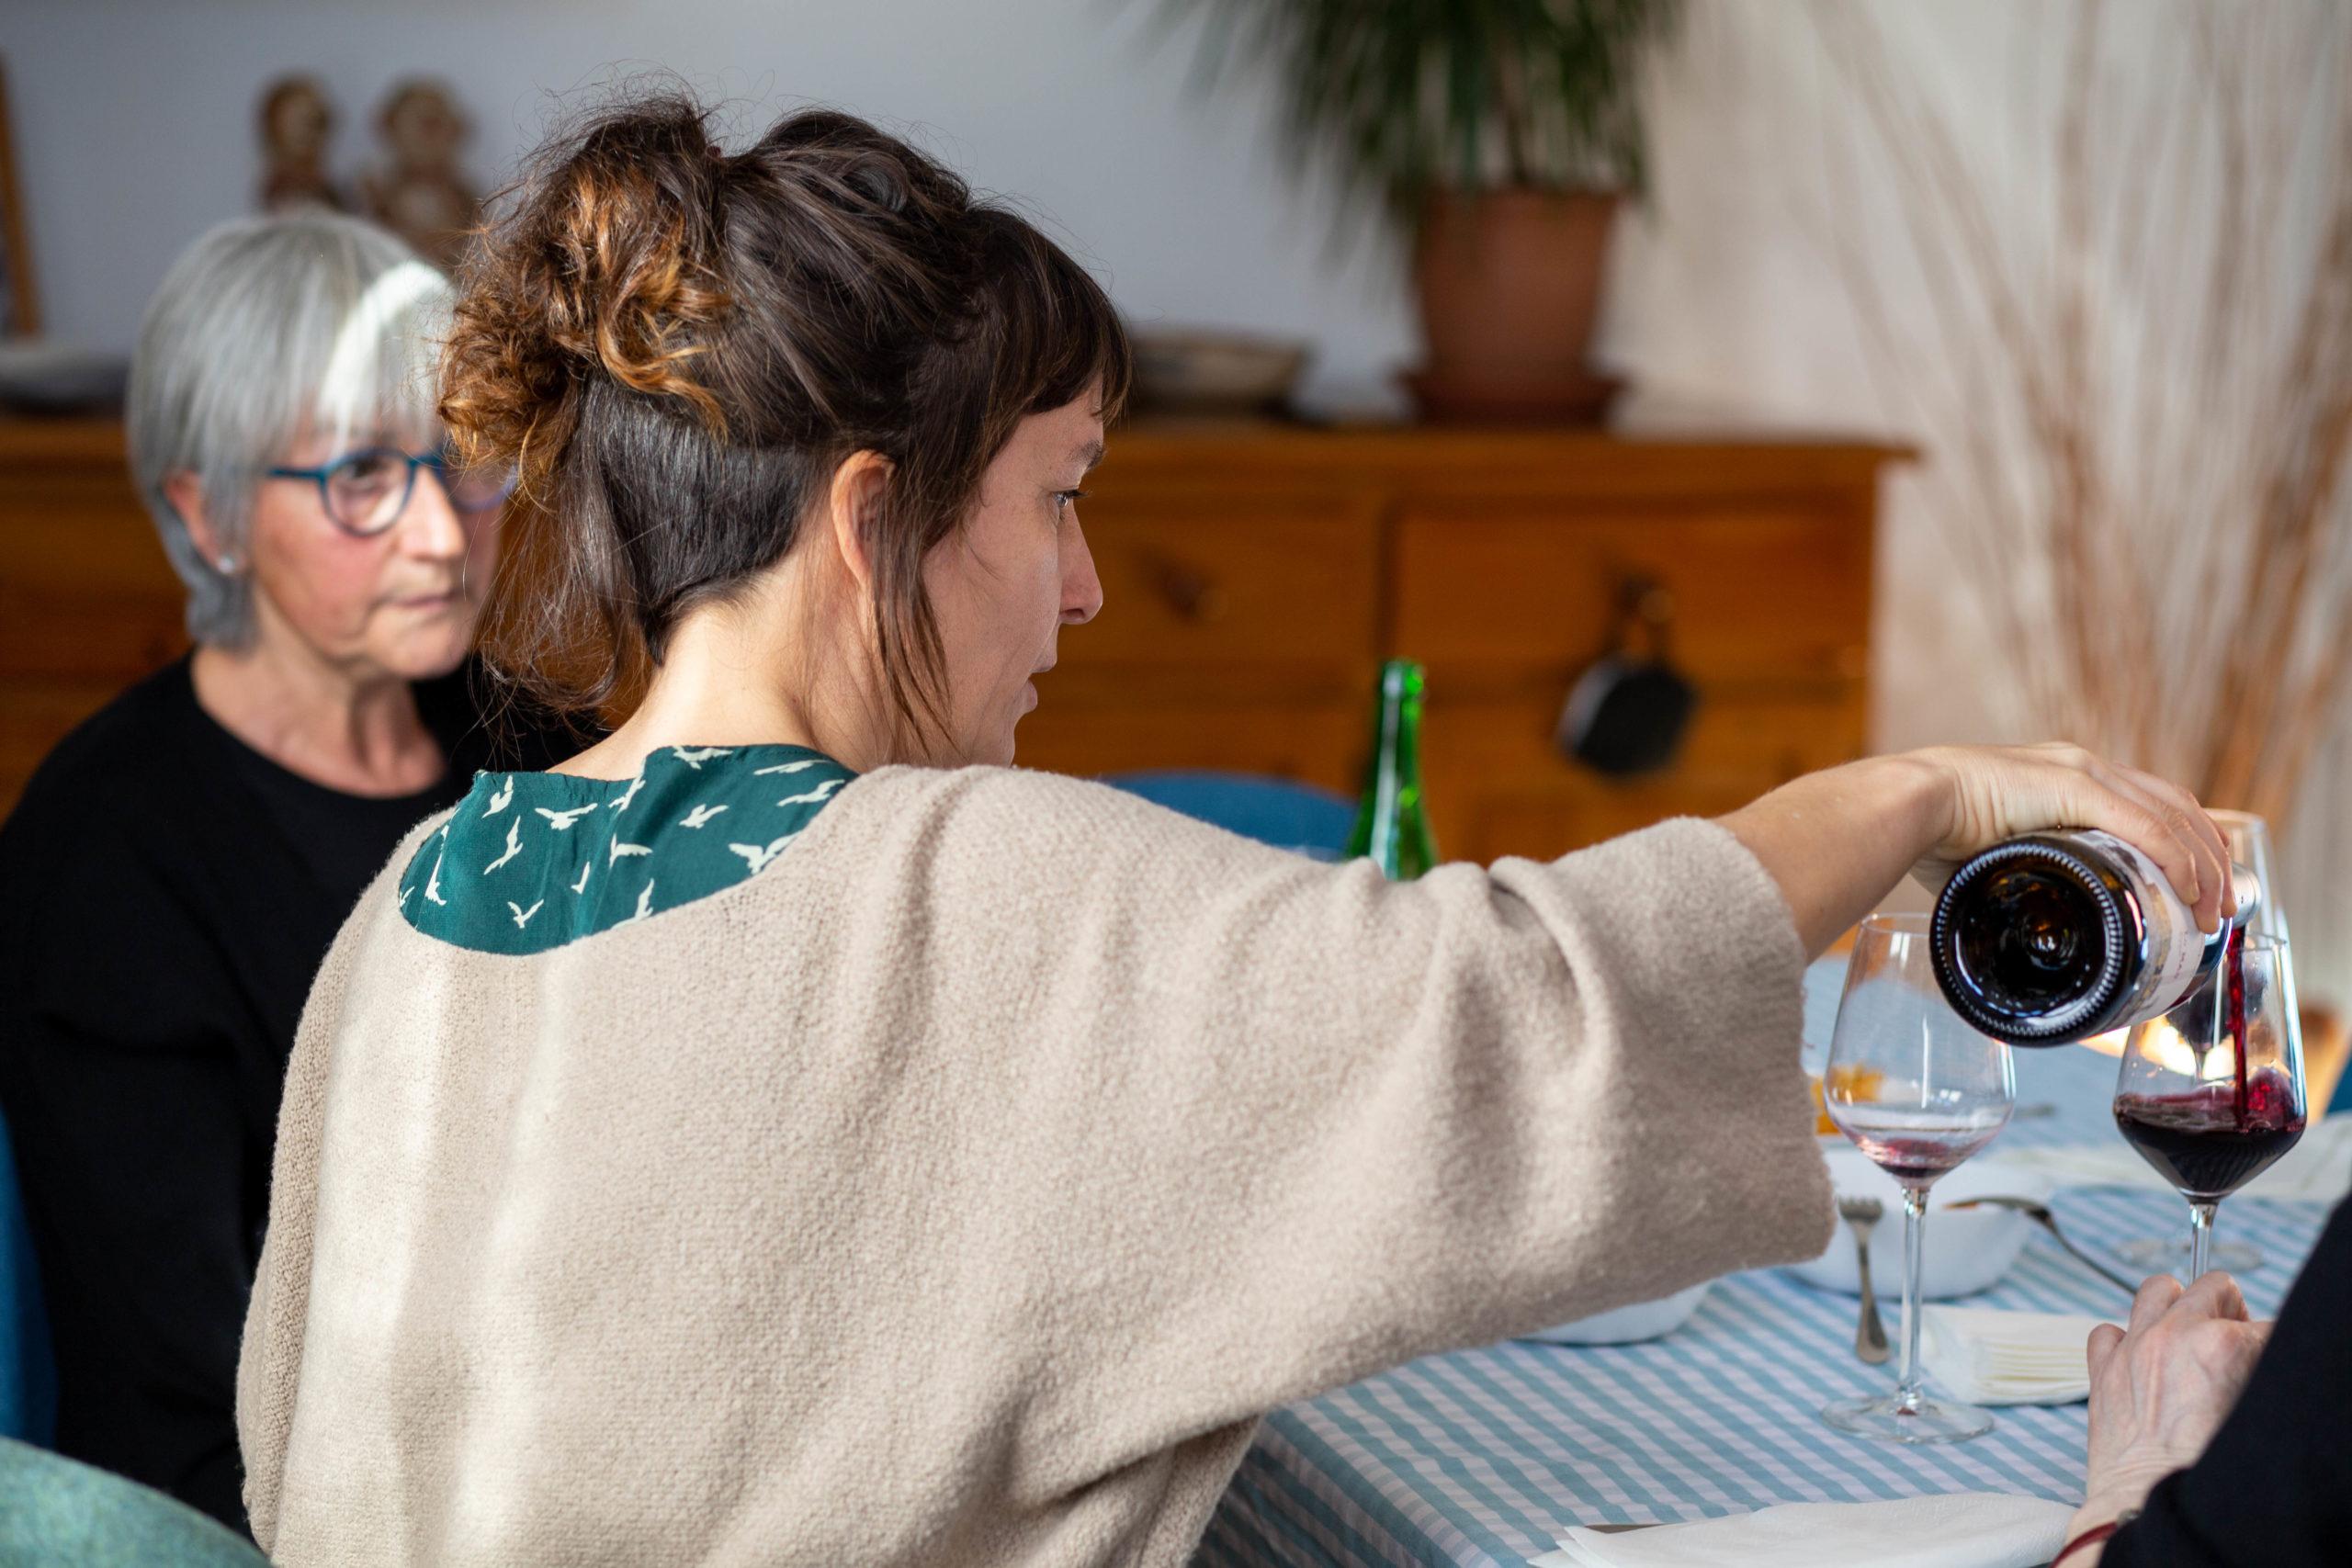 Dona servint una copa de vi en un dinar al menjador de casa